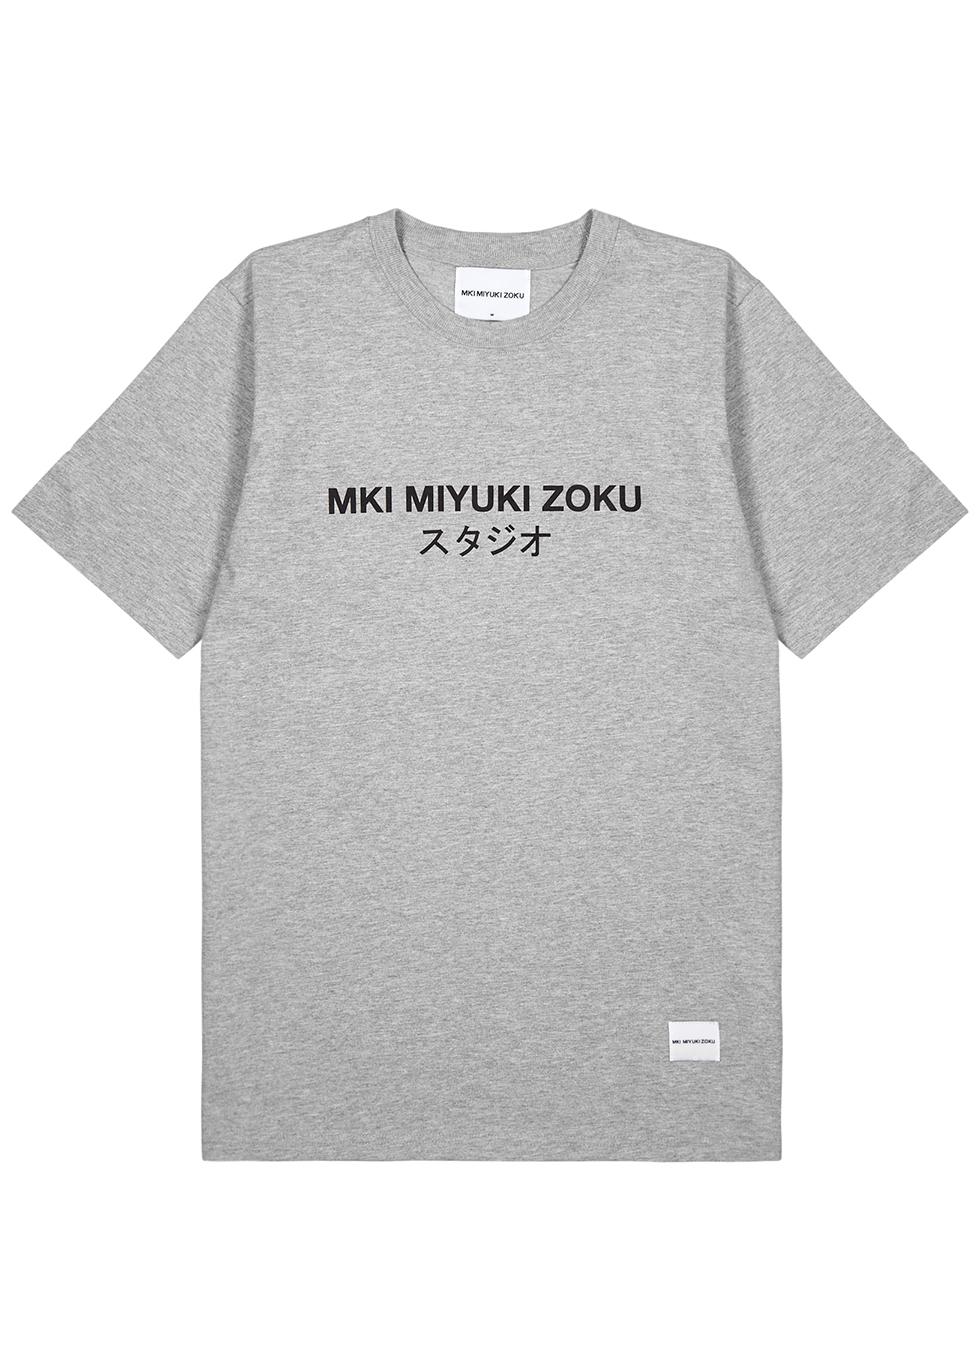 MKI MIYUKI ZOKU | Mki Miyuki Zoku Grey Cotton T-Shirt | Goxip